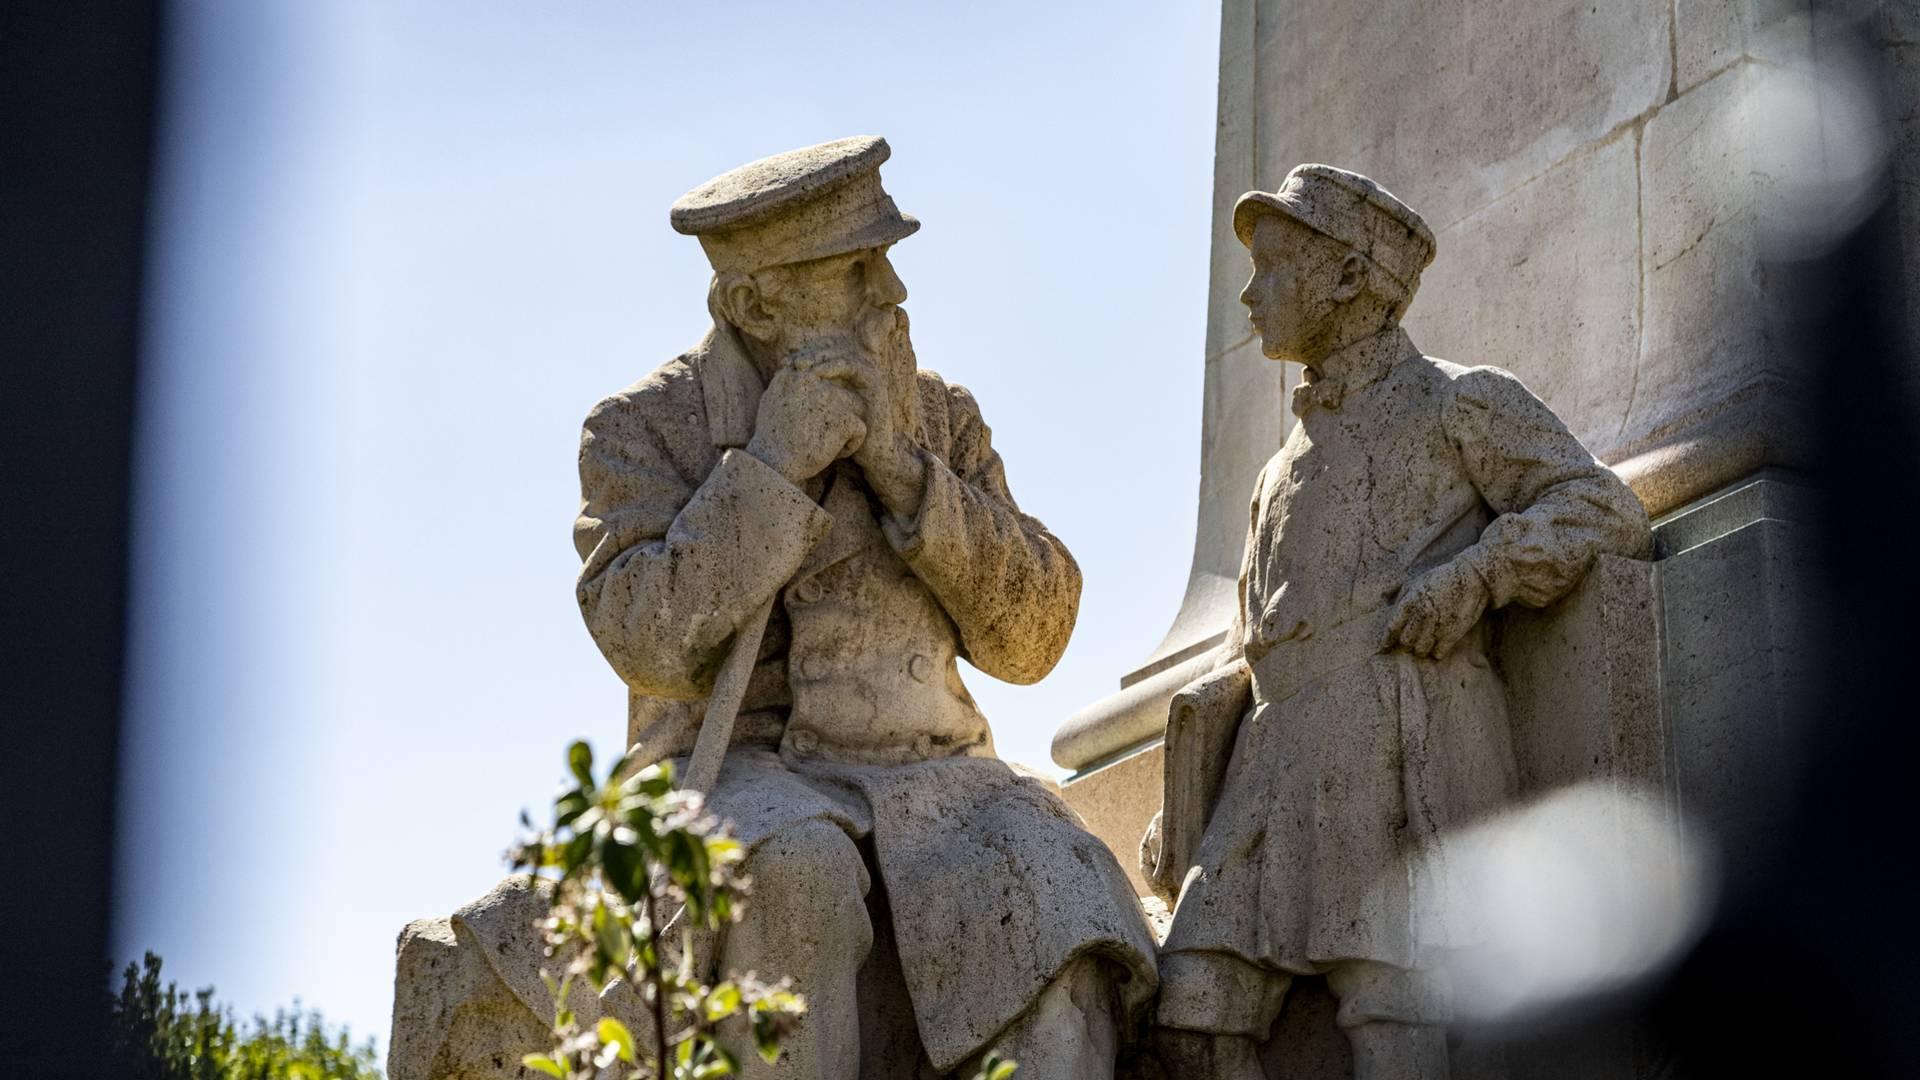 Détail du monument àHenri Schneider devant l'Hôtel-Dieu du Creusot. © Lesley Williamson.